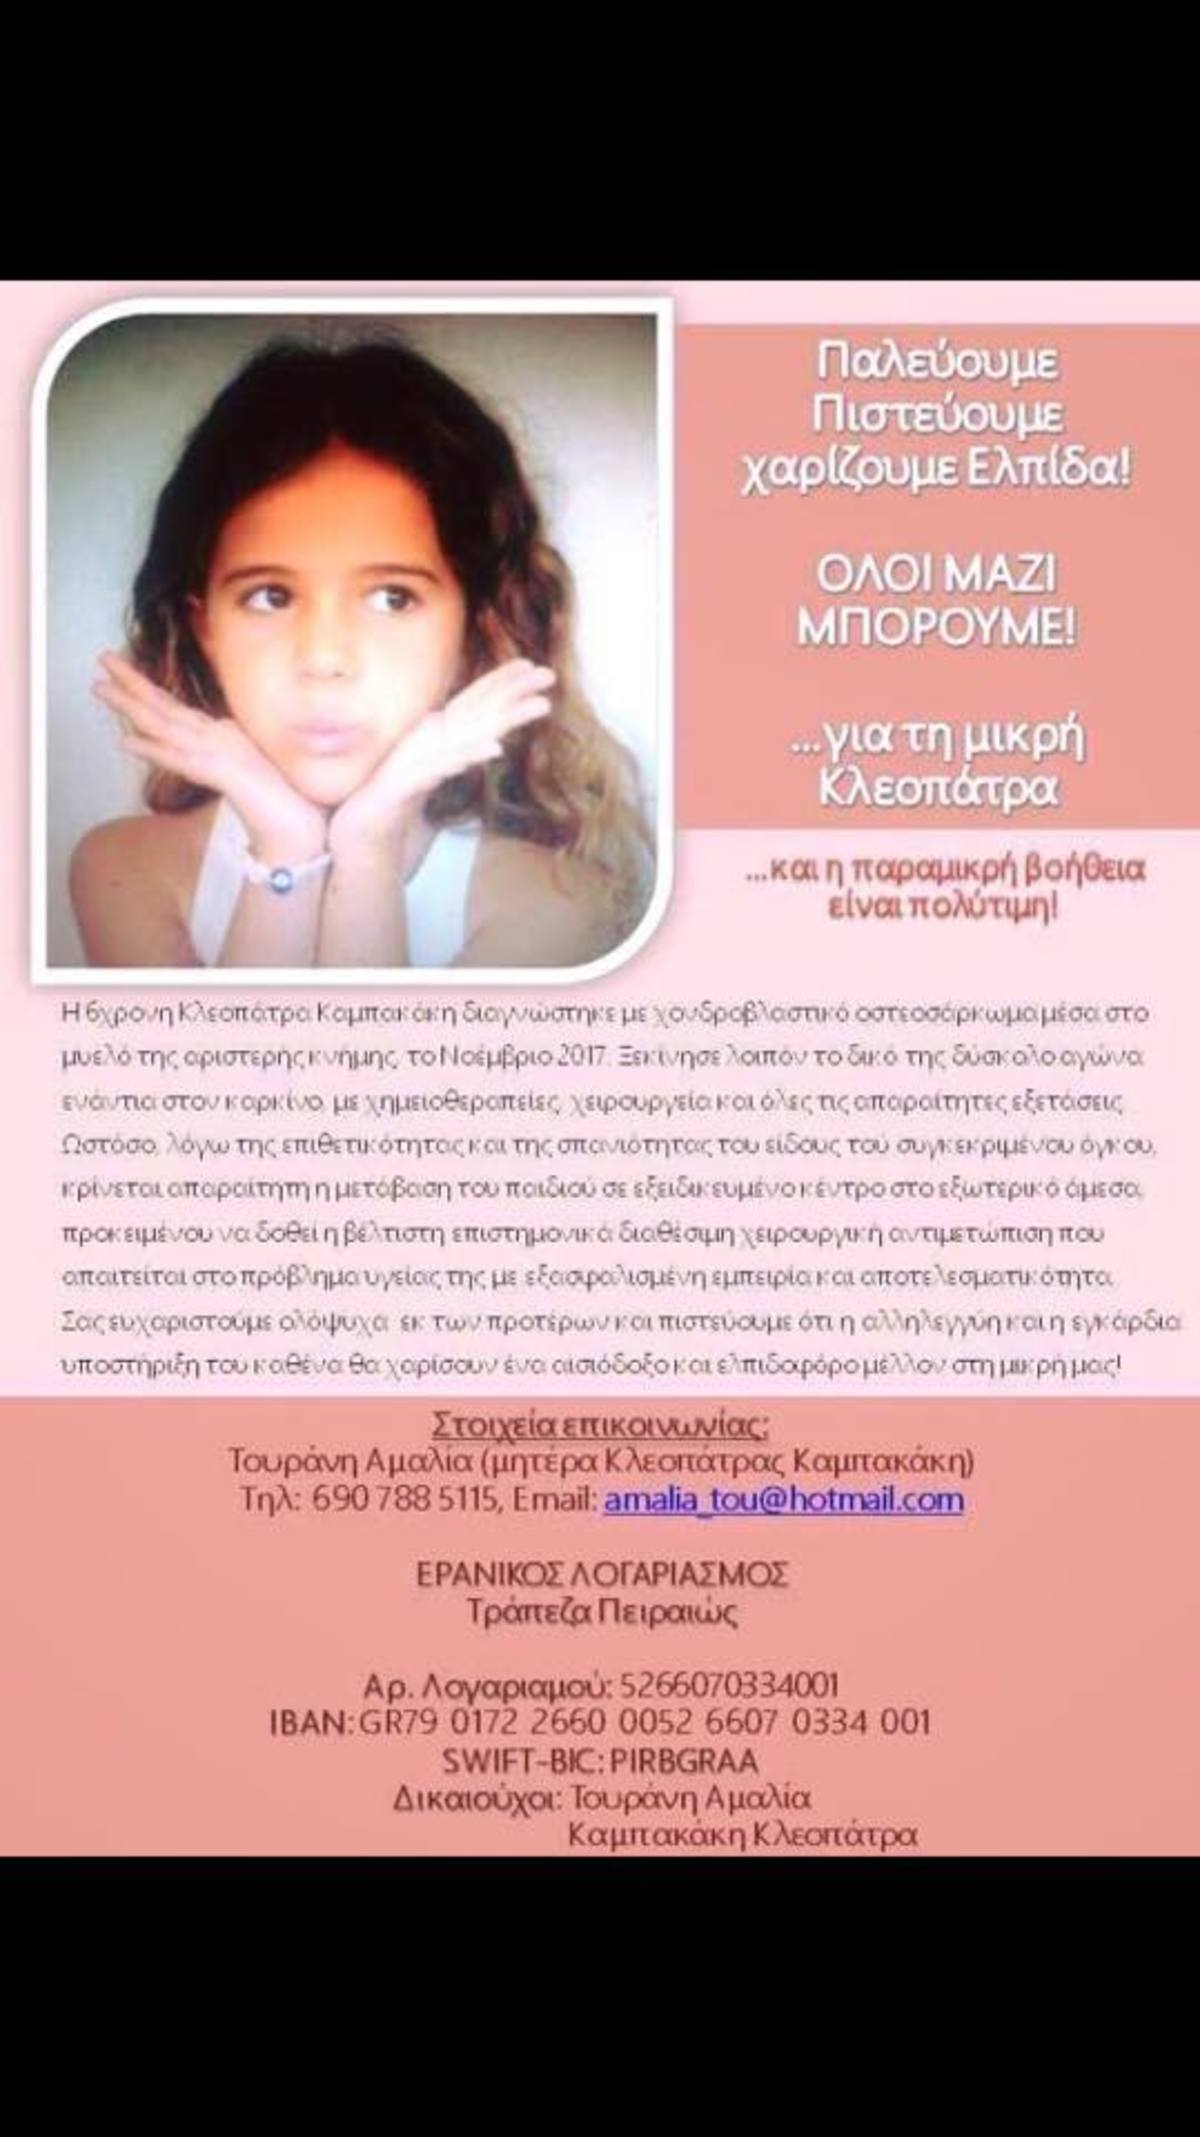 Η 6χρονη Κλεοπάτρα κόρη γνωστού τραγουδιστή ζητάει τη βοήθειά μας για να νικήσει τον καρκίνο